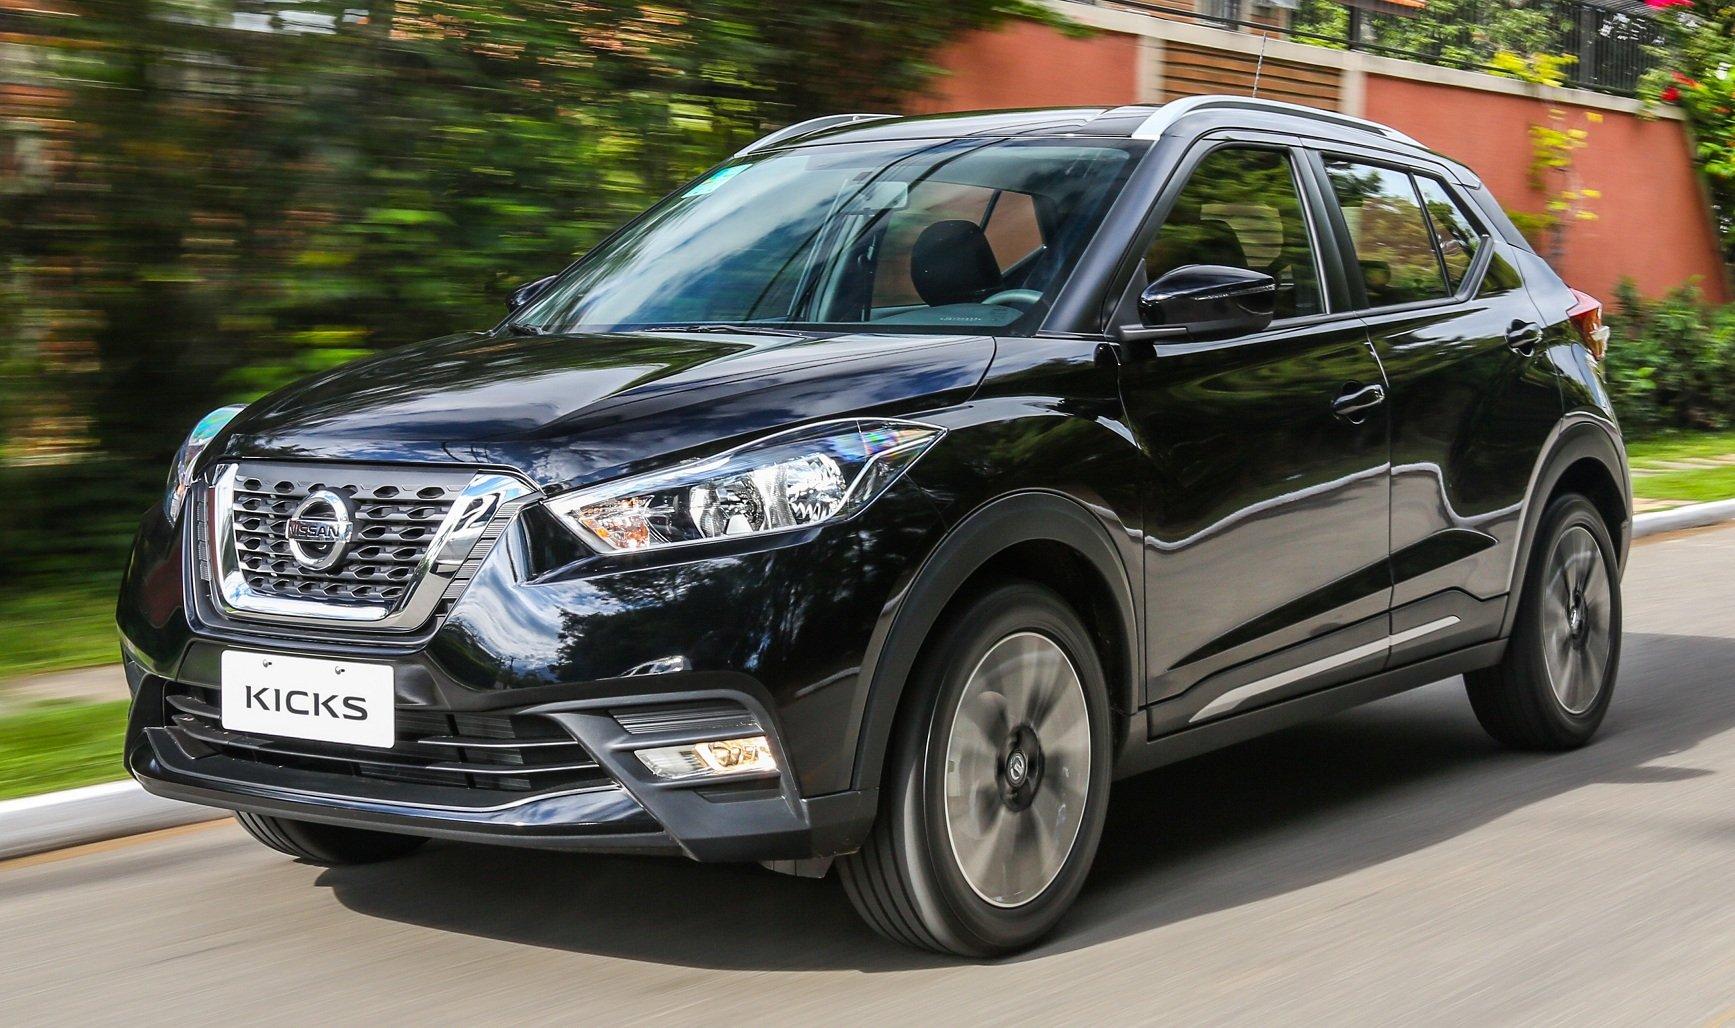 Nissan Kicks 2018 é escolhido como a Melhor Compra entre todos os SUVs do segmento